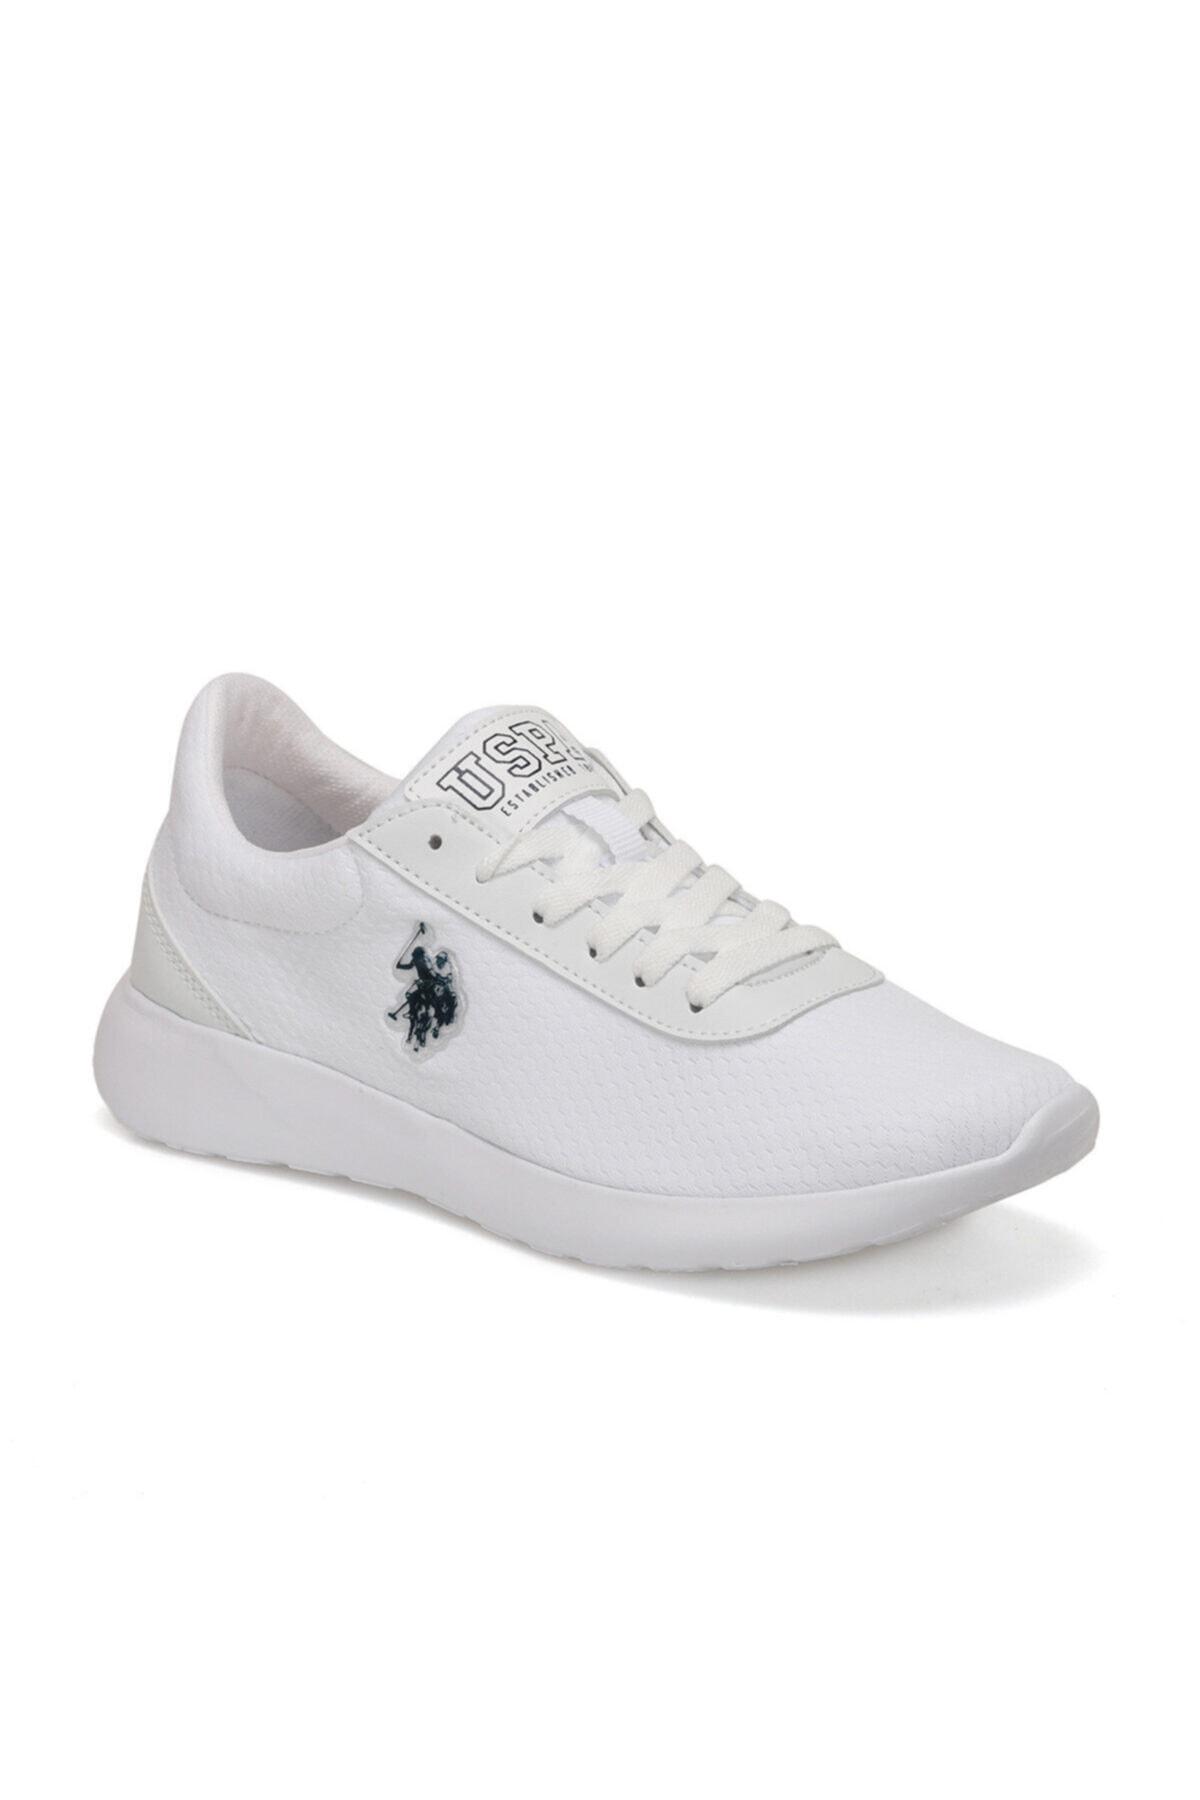 RAINY Beyaz Kadın Sneaker Ayakkabı 100489756